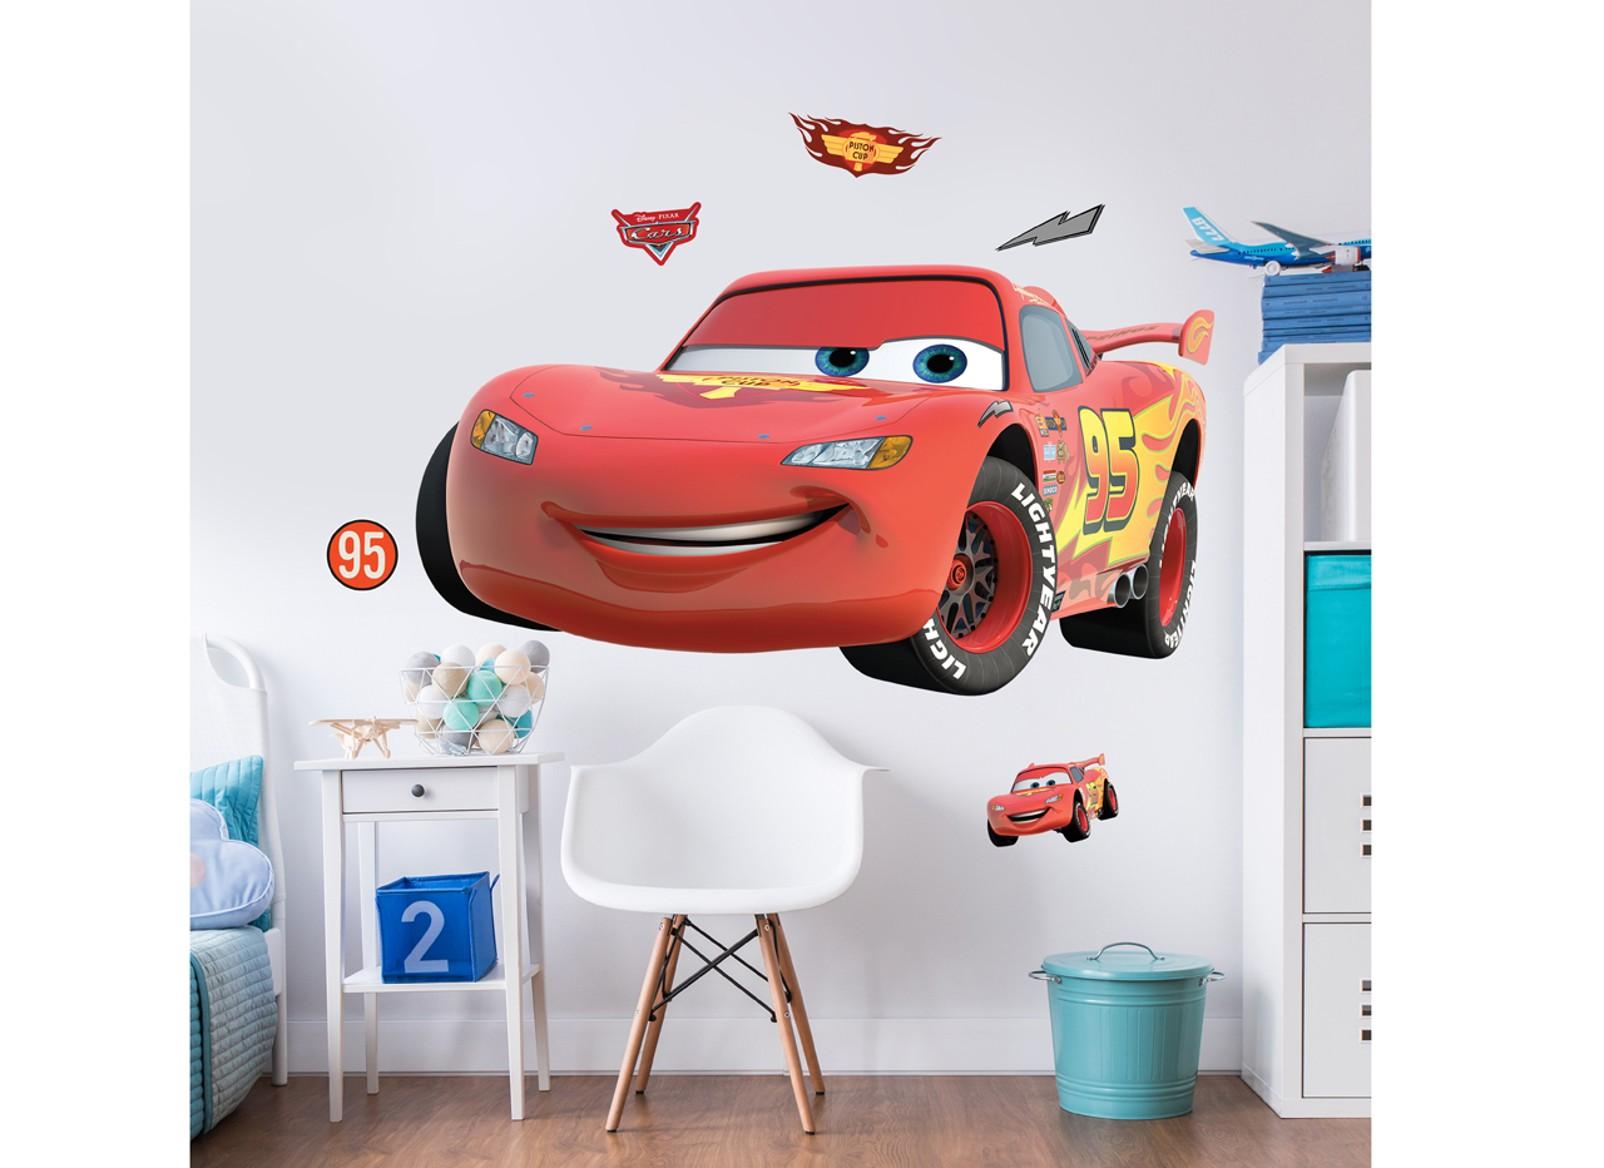 Samolepicí dekorace Walltastic Cars 44364 (Sada samolepek do dětského pokoje)